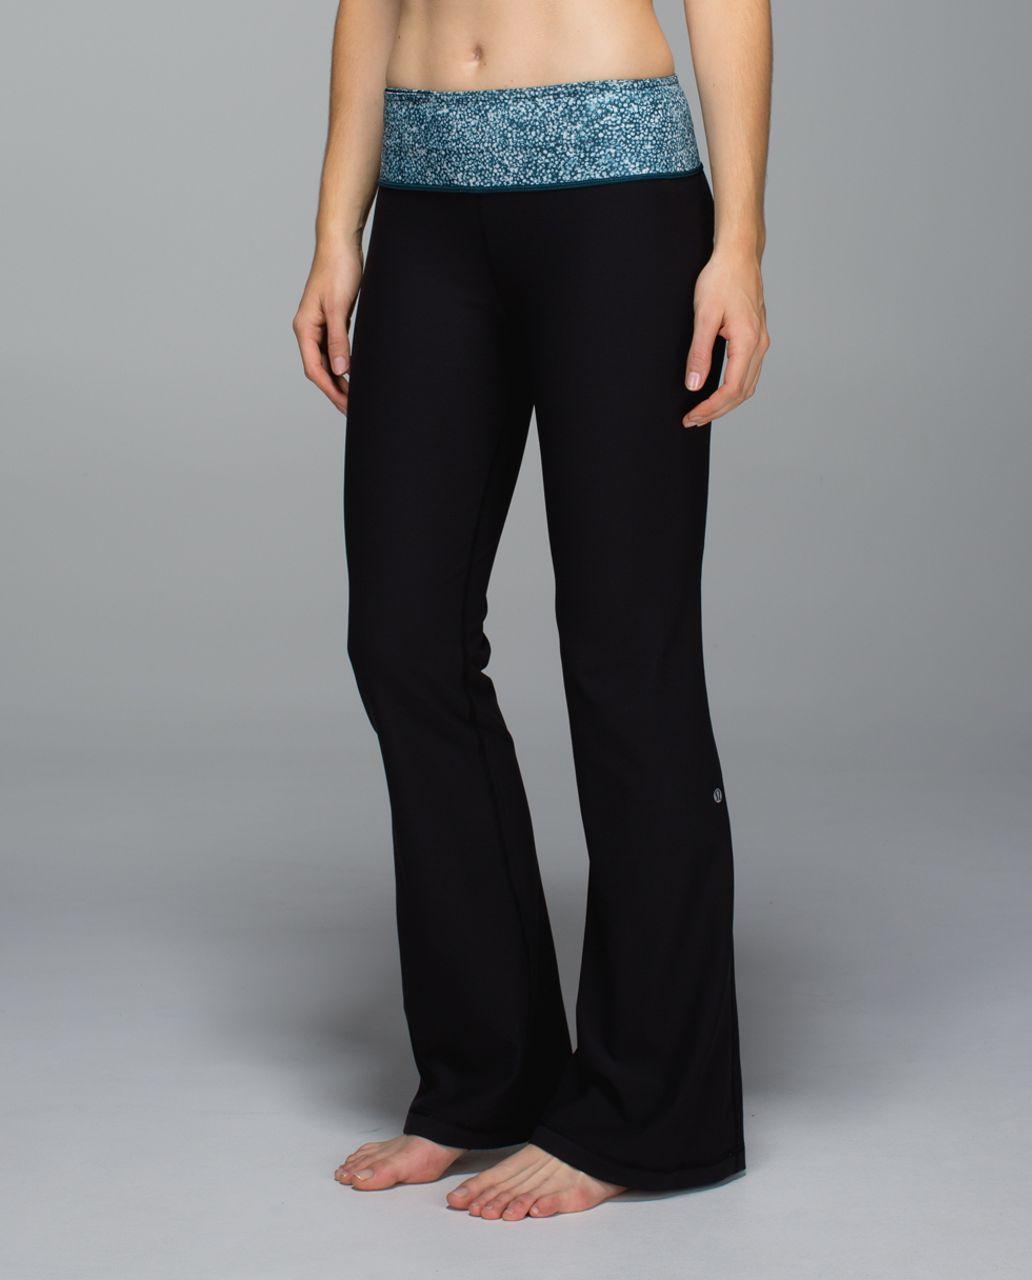 Lululemon Groove Pant *Full-On Luon (Regular) - Black / Pebble Print Parfait Pink Alberta Lake / Fresh Fleur Neutral Blush Split Pea